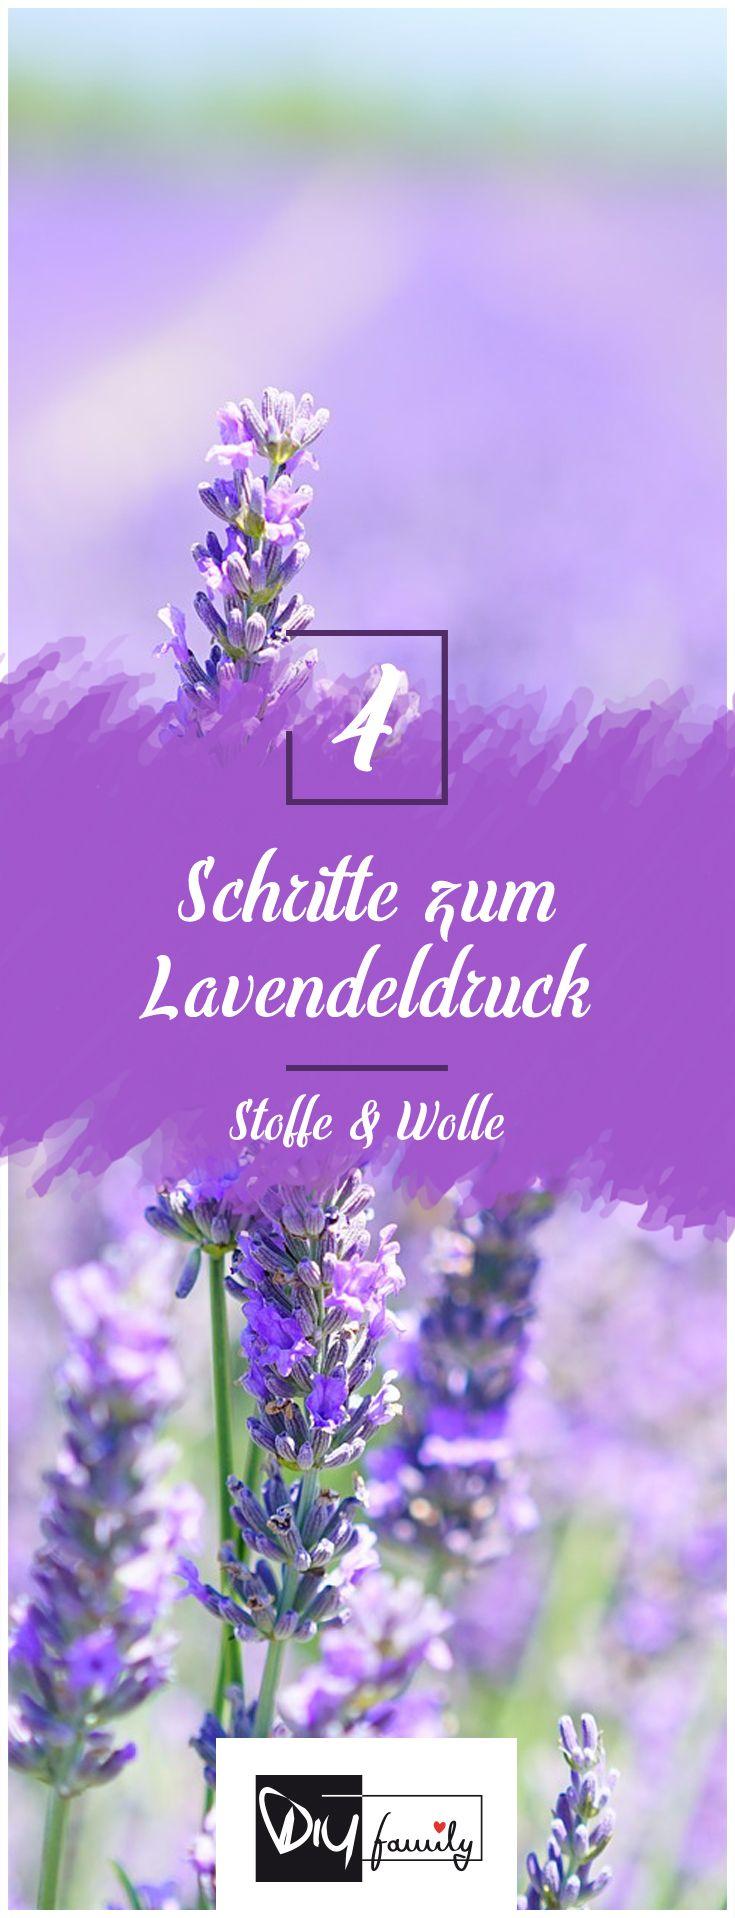 Textilien selbst bedrucken - mit dem Lavendeldruck  #diy, #print, #tutorial, #easy, #summer, #selfmade,